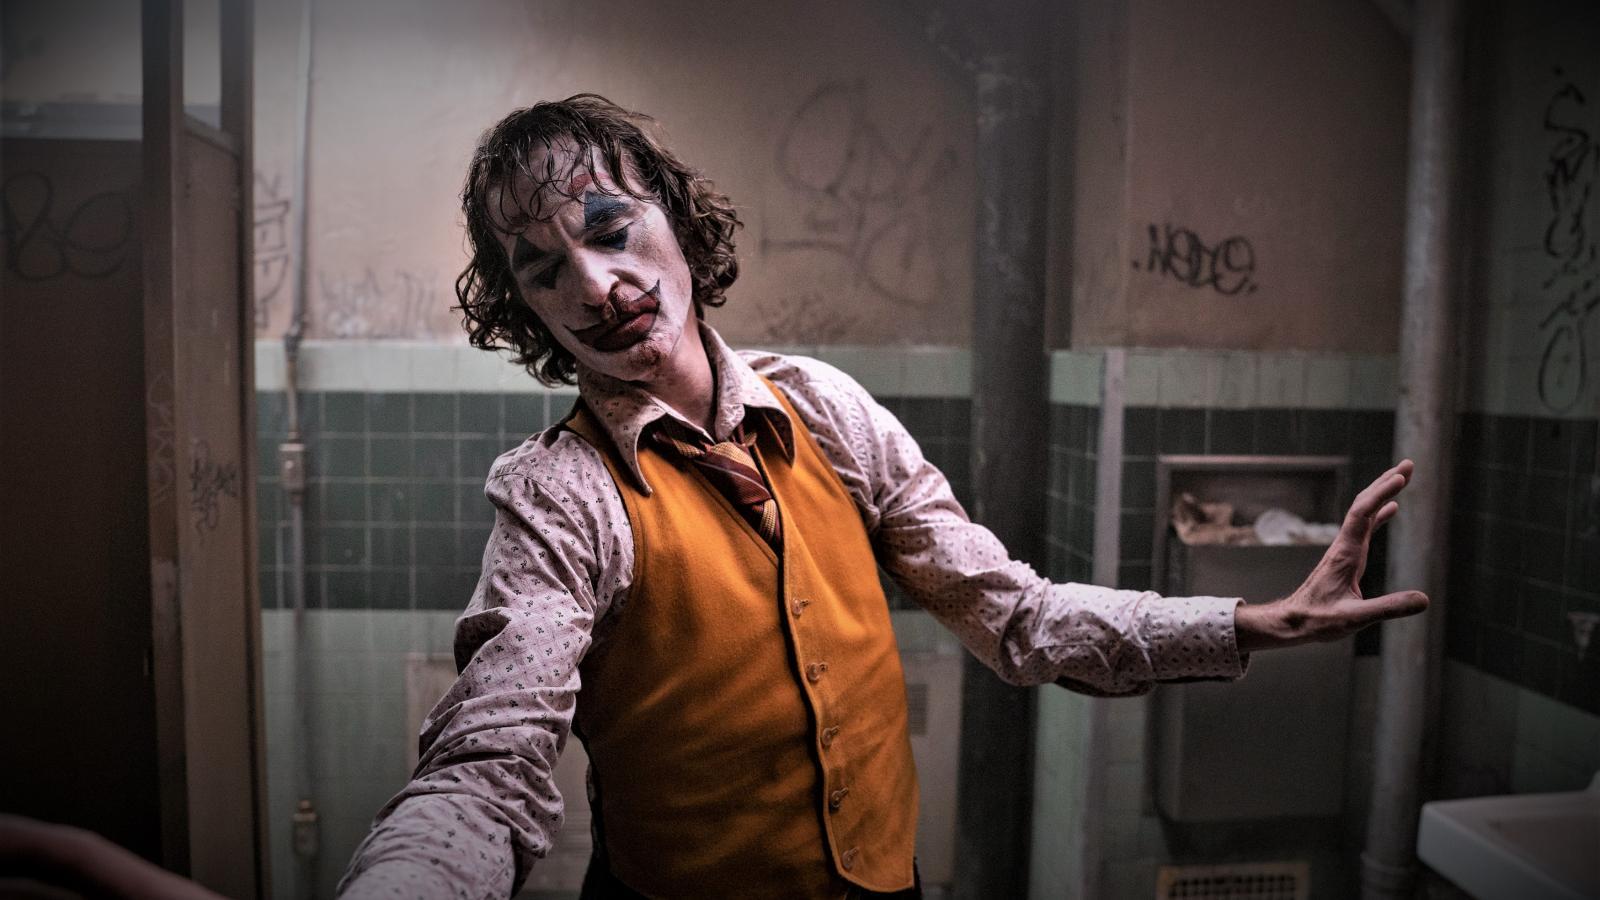 Jokerova taneční scéna na veřejných záchodcích vznikla při reprodukci už hotového filmového doprovodu